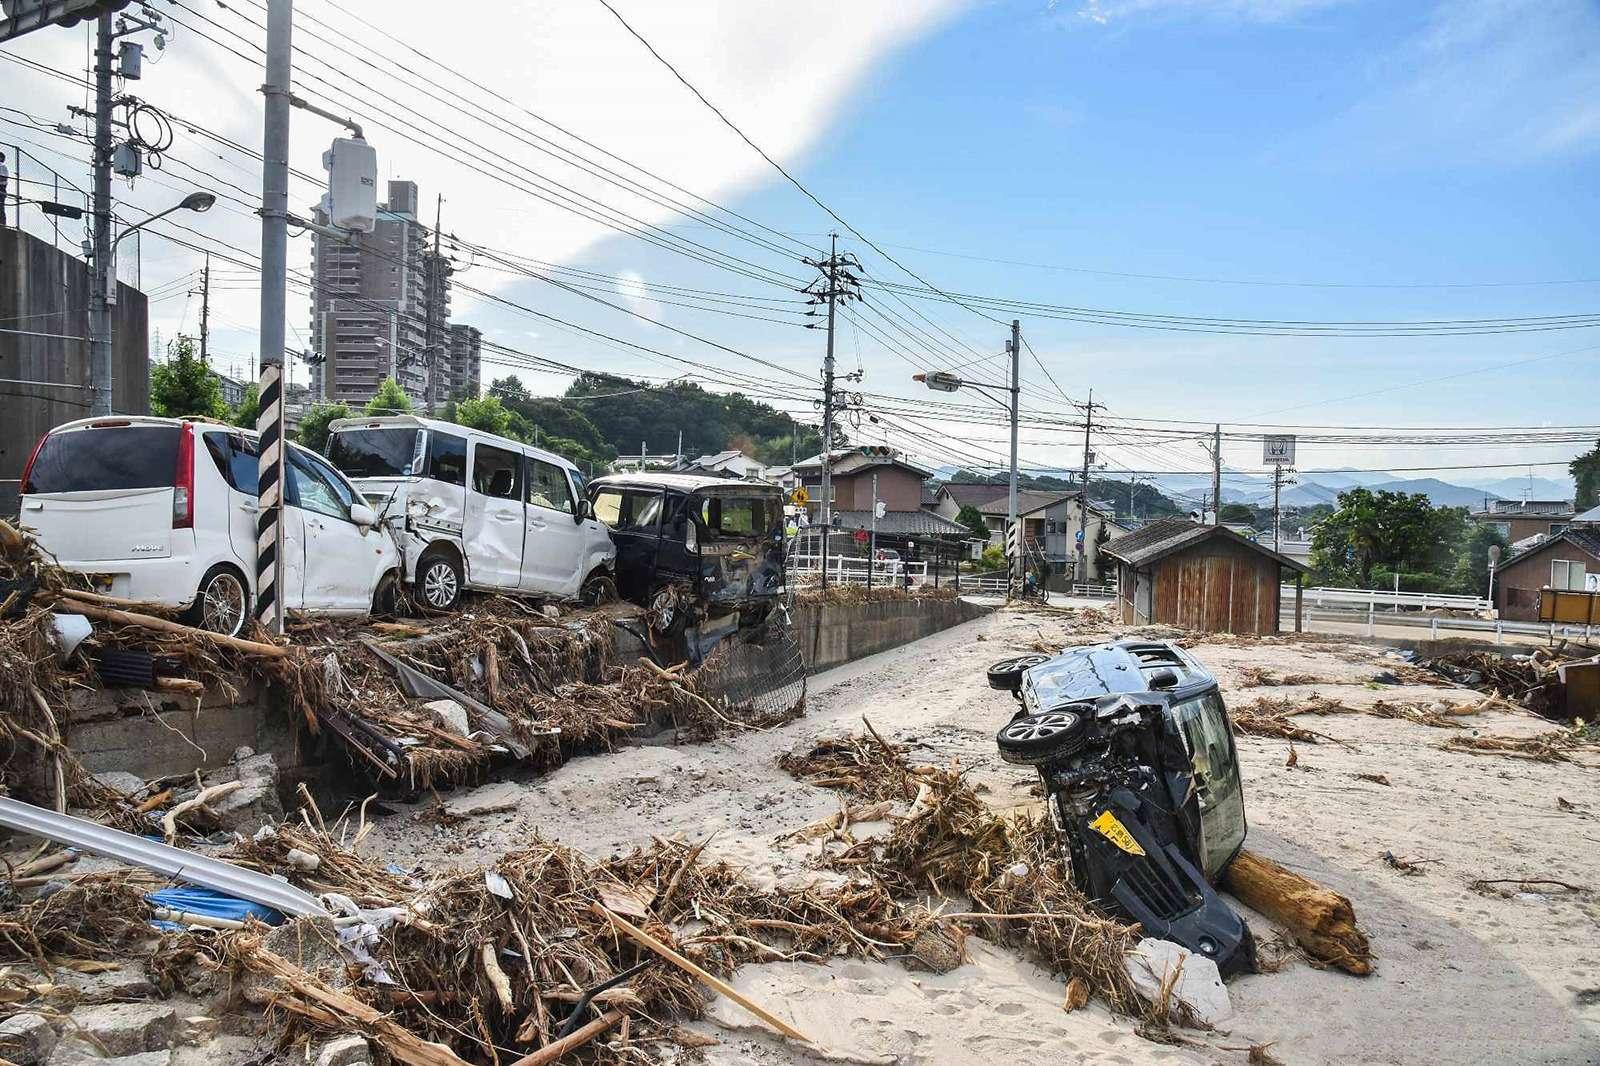 Наводнение вЯпонии: тысячи утопленных машин. Ждем ихвРоссии?— фото 886653